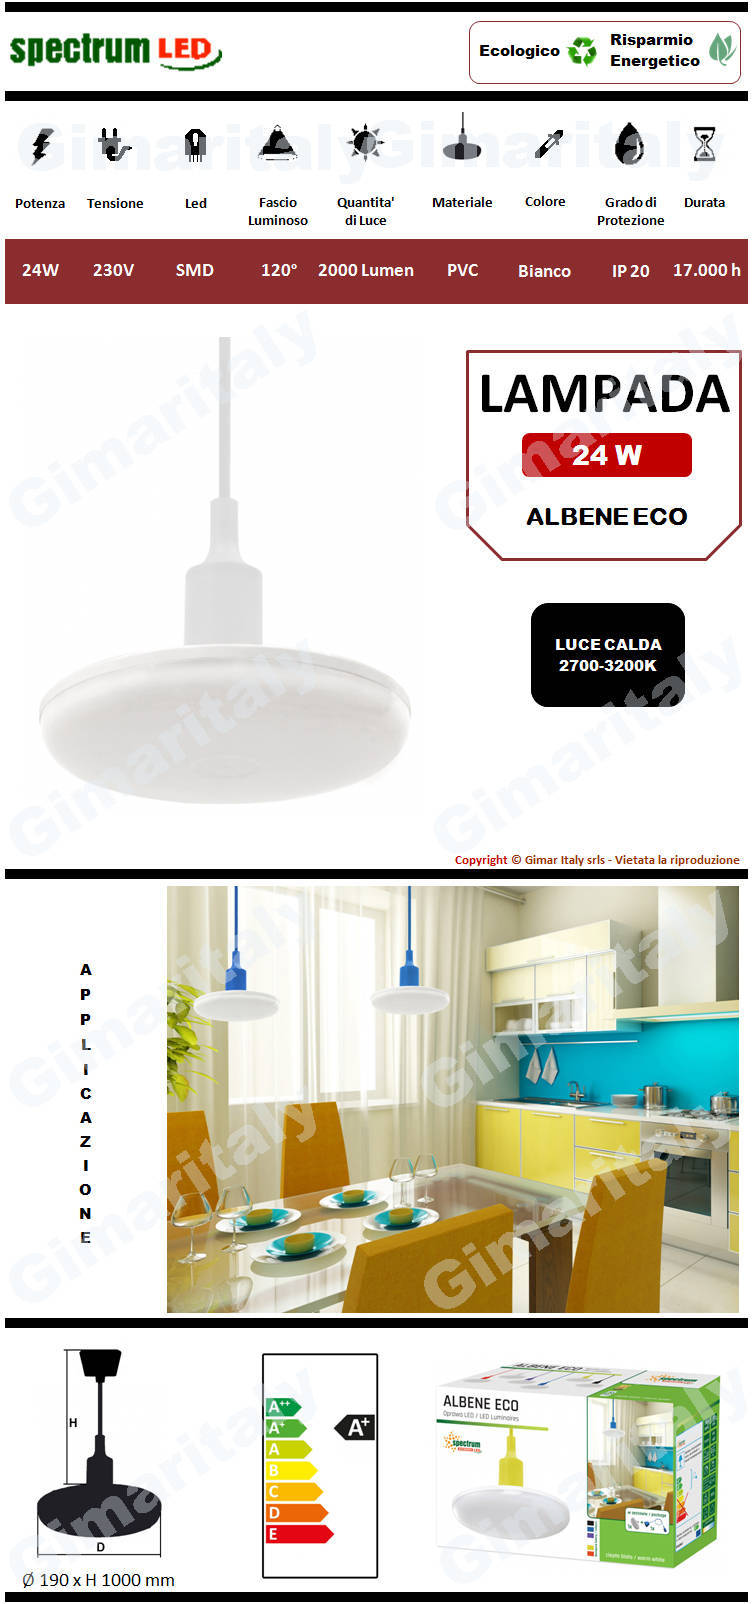 Lampadario Sospensione Led 24W Bianco luce calda Spectrum